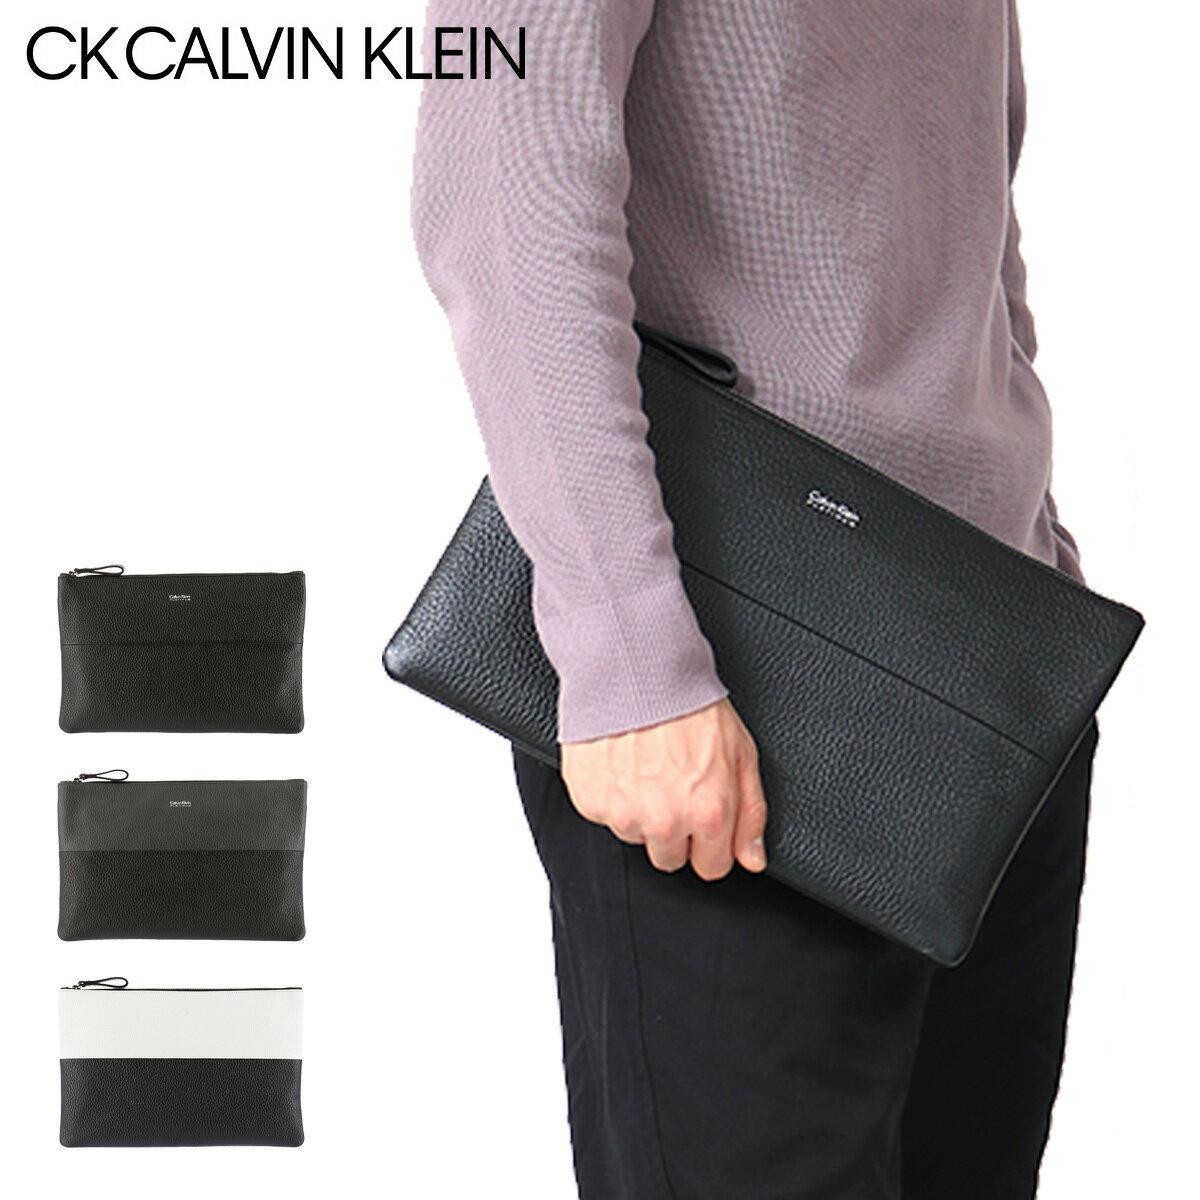 シーケーカルバンクライン セカンドバッグ メンズ デュオ バイカラー 831202 CK CALVIN KLEIN クラッチ ビジネス 本革 レザー [PO5][bef][即日発送]